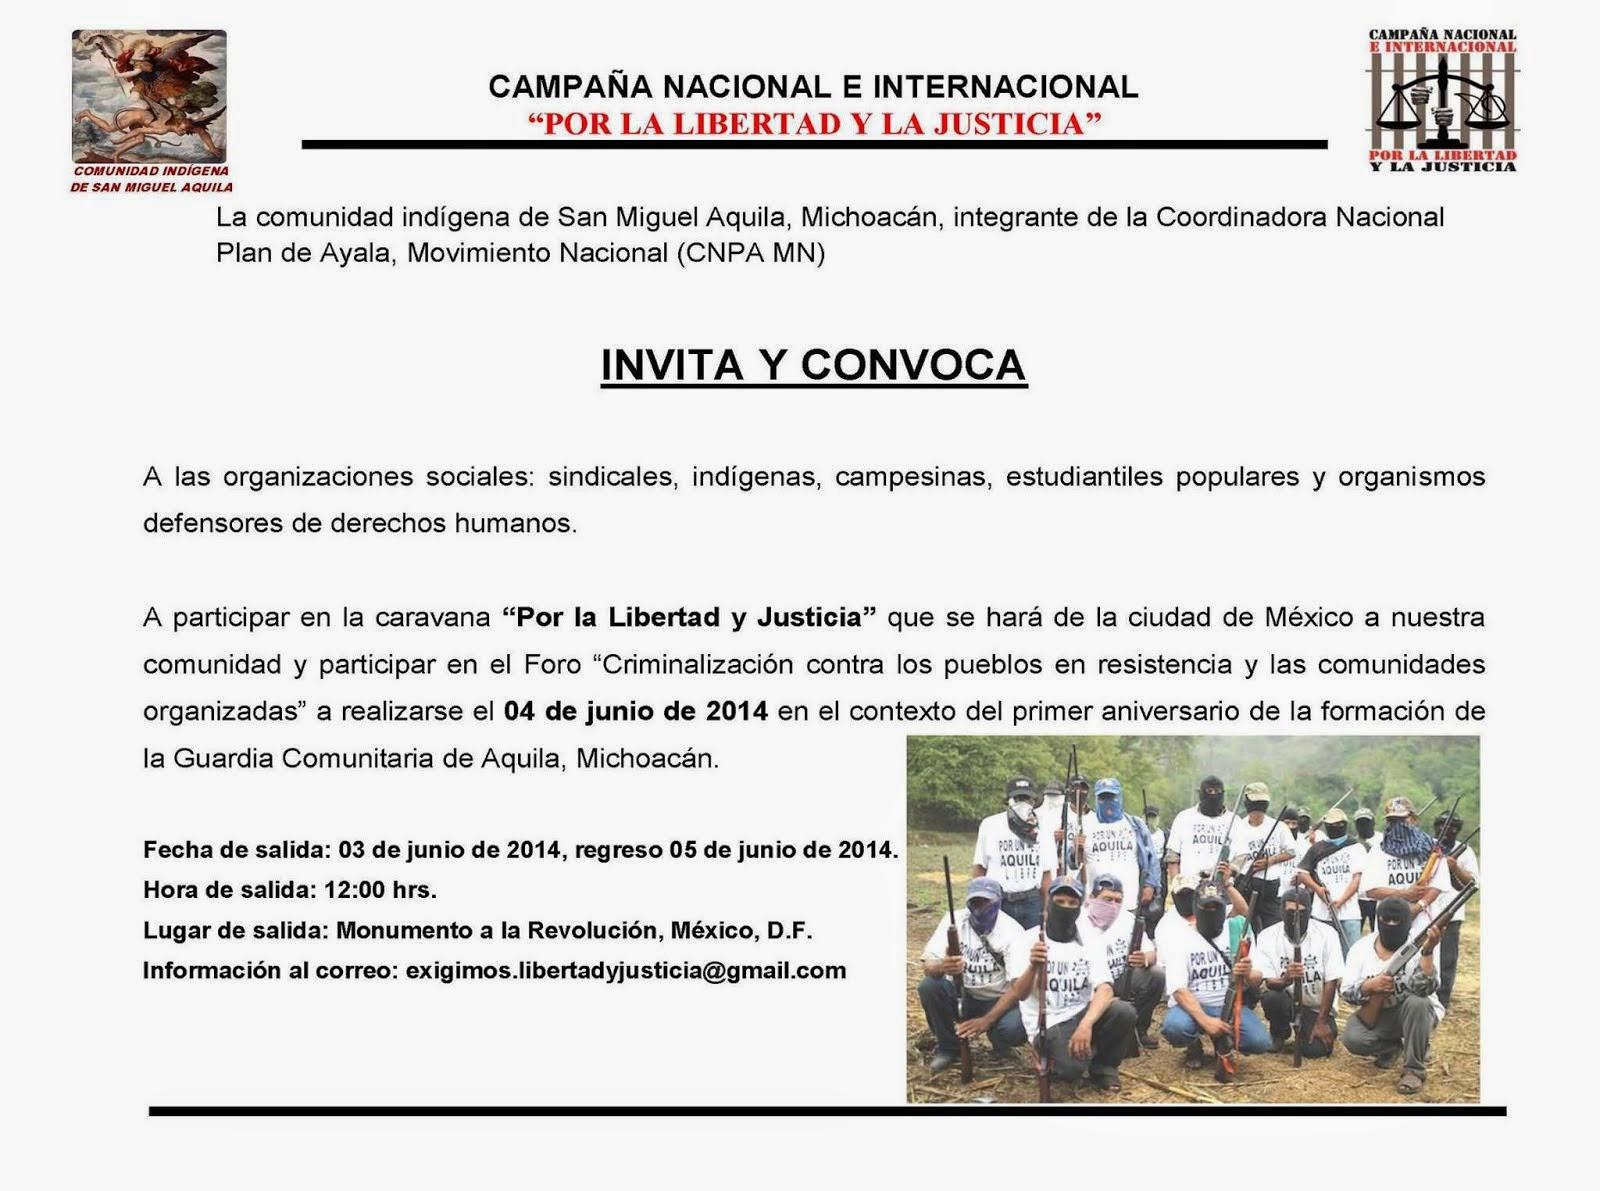 FORO de Denuncia y Apoyo a Aquila Michoacán MOCRI-CNPA-MN 3-5 Junio